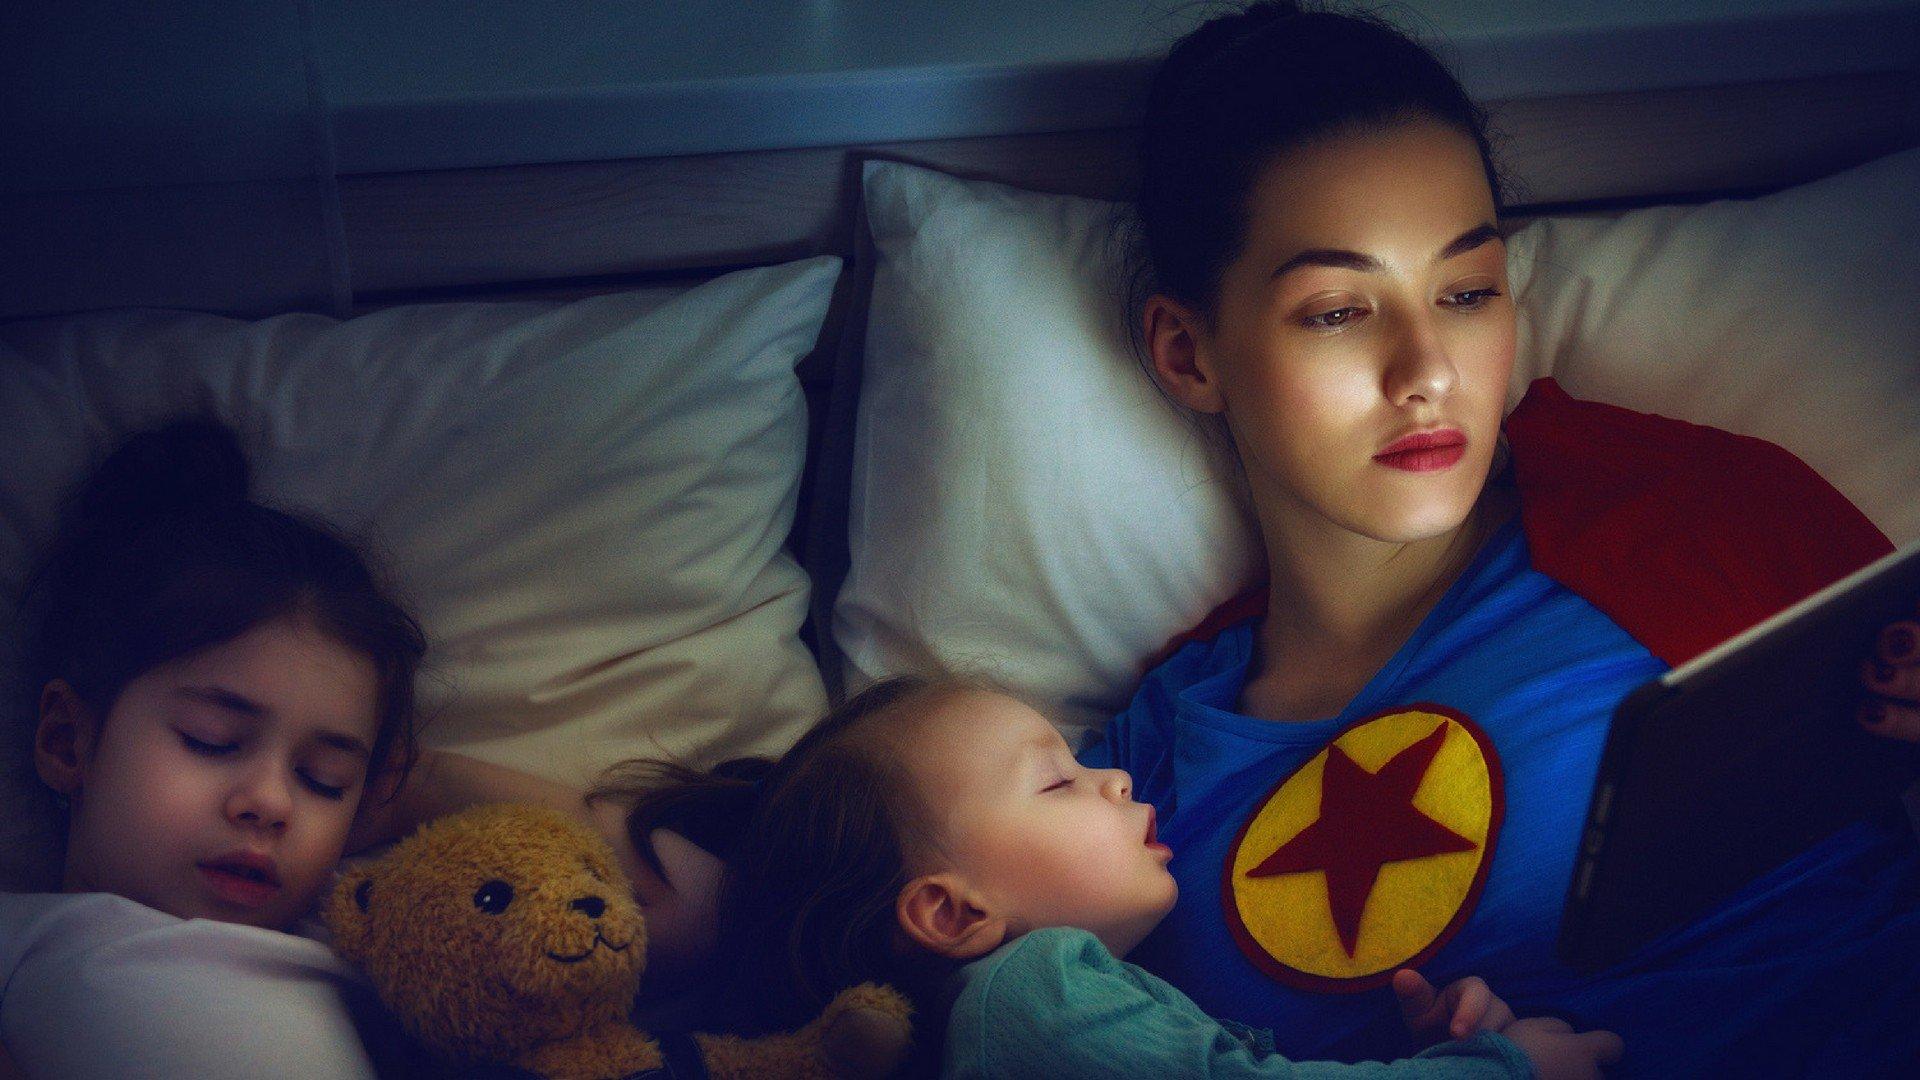 Söhne Teilen Bett Mit Mama